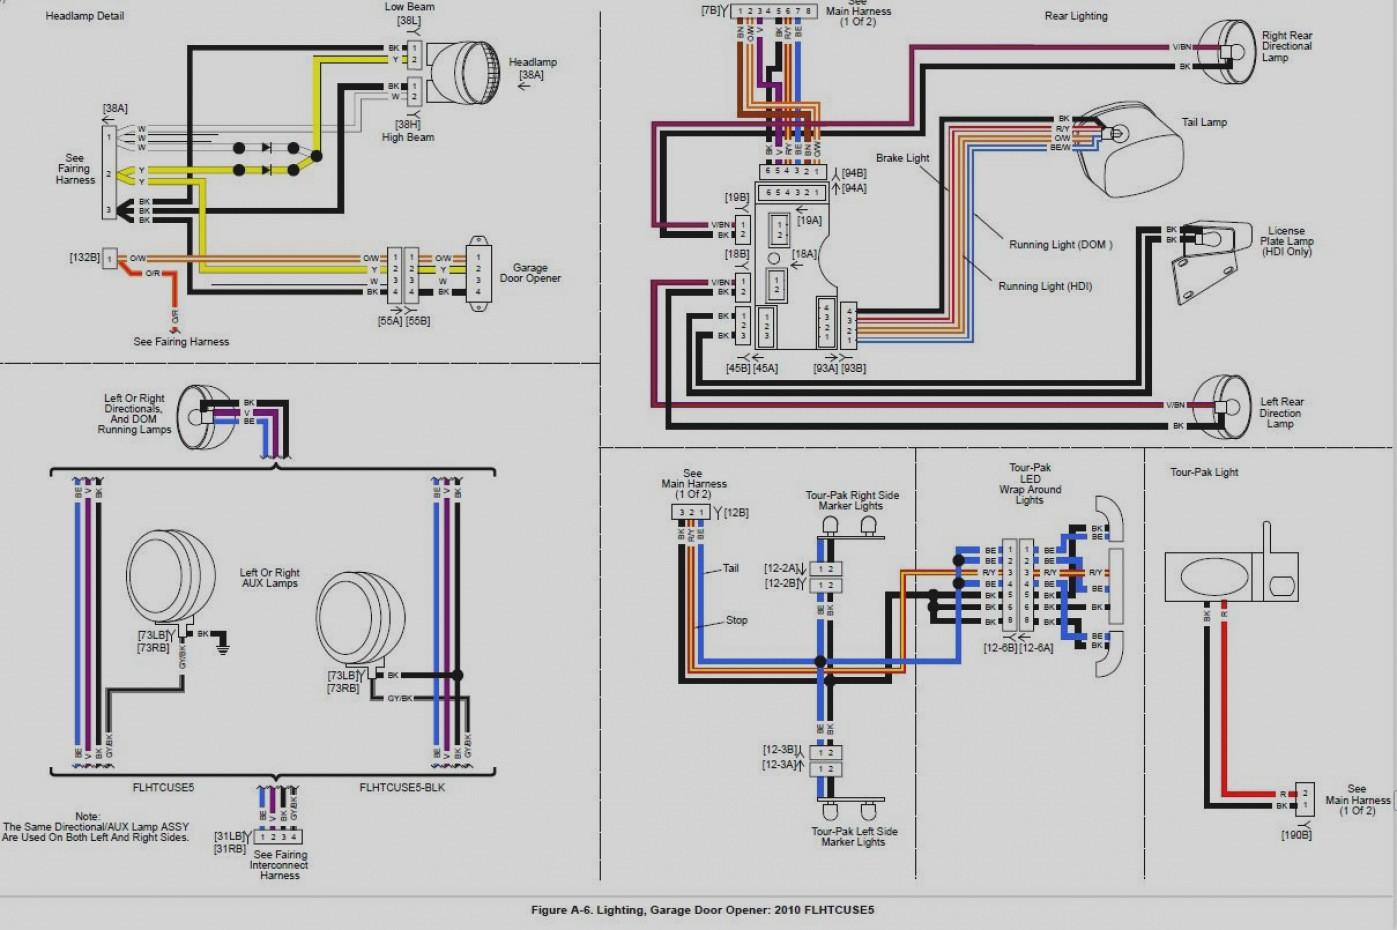 Amazing Genie Garage Door Opener Wiring Diagram Sensor Diagramgarage Doors 33